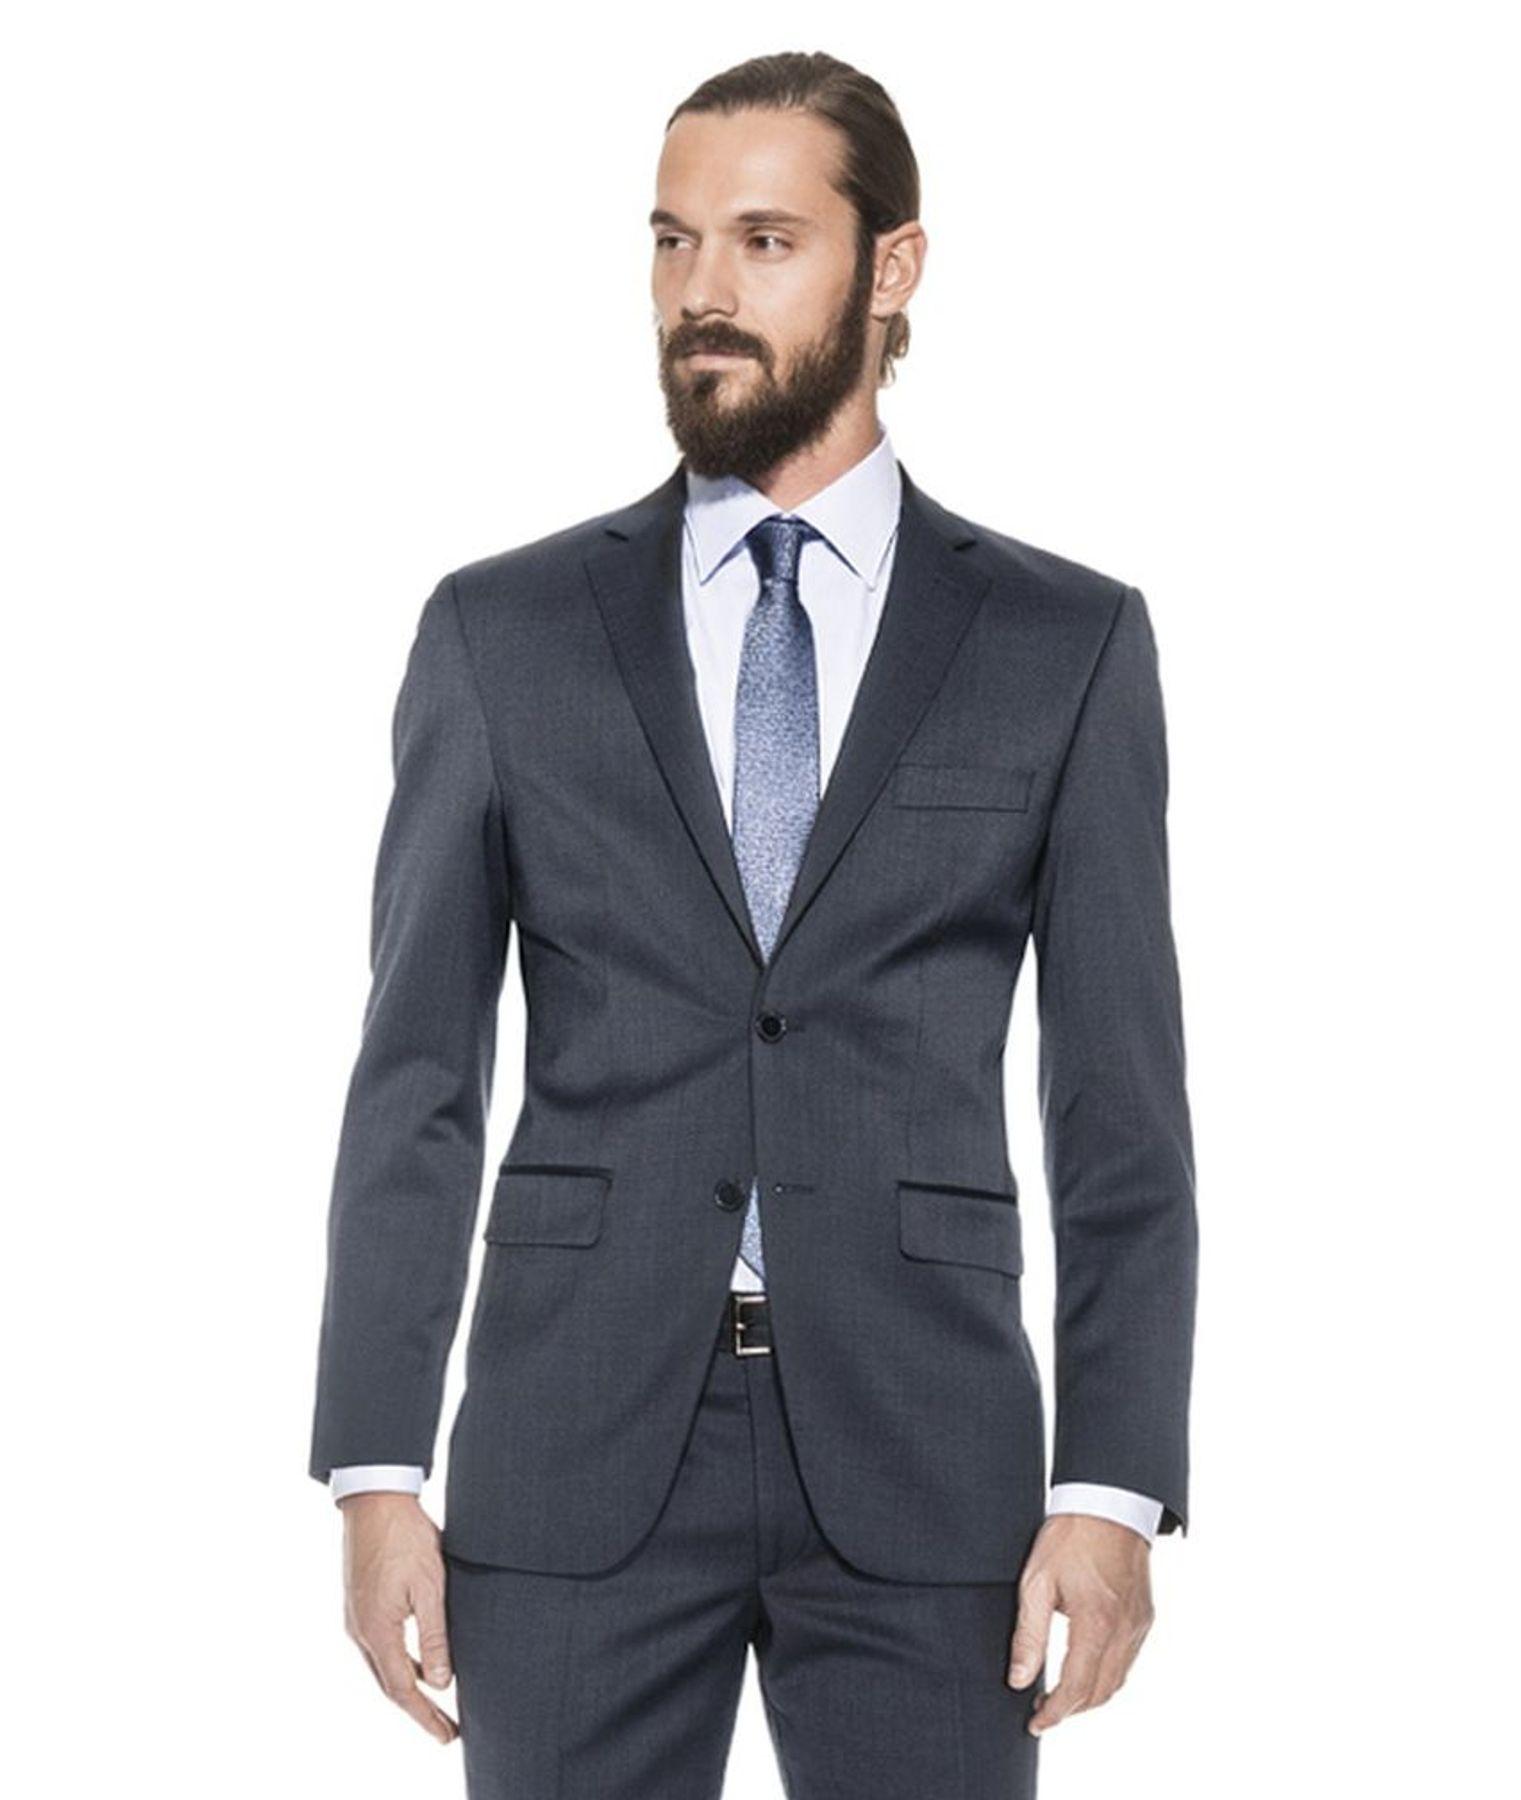 Benvenuto Purple - Regular Fit - Herren Baukasten Sakko für modernen Business-Anzug, Leonardo (20659, Modell: 20002) – Bild 1